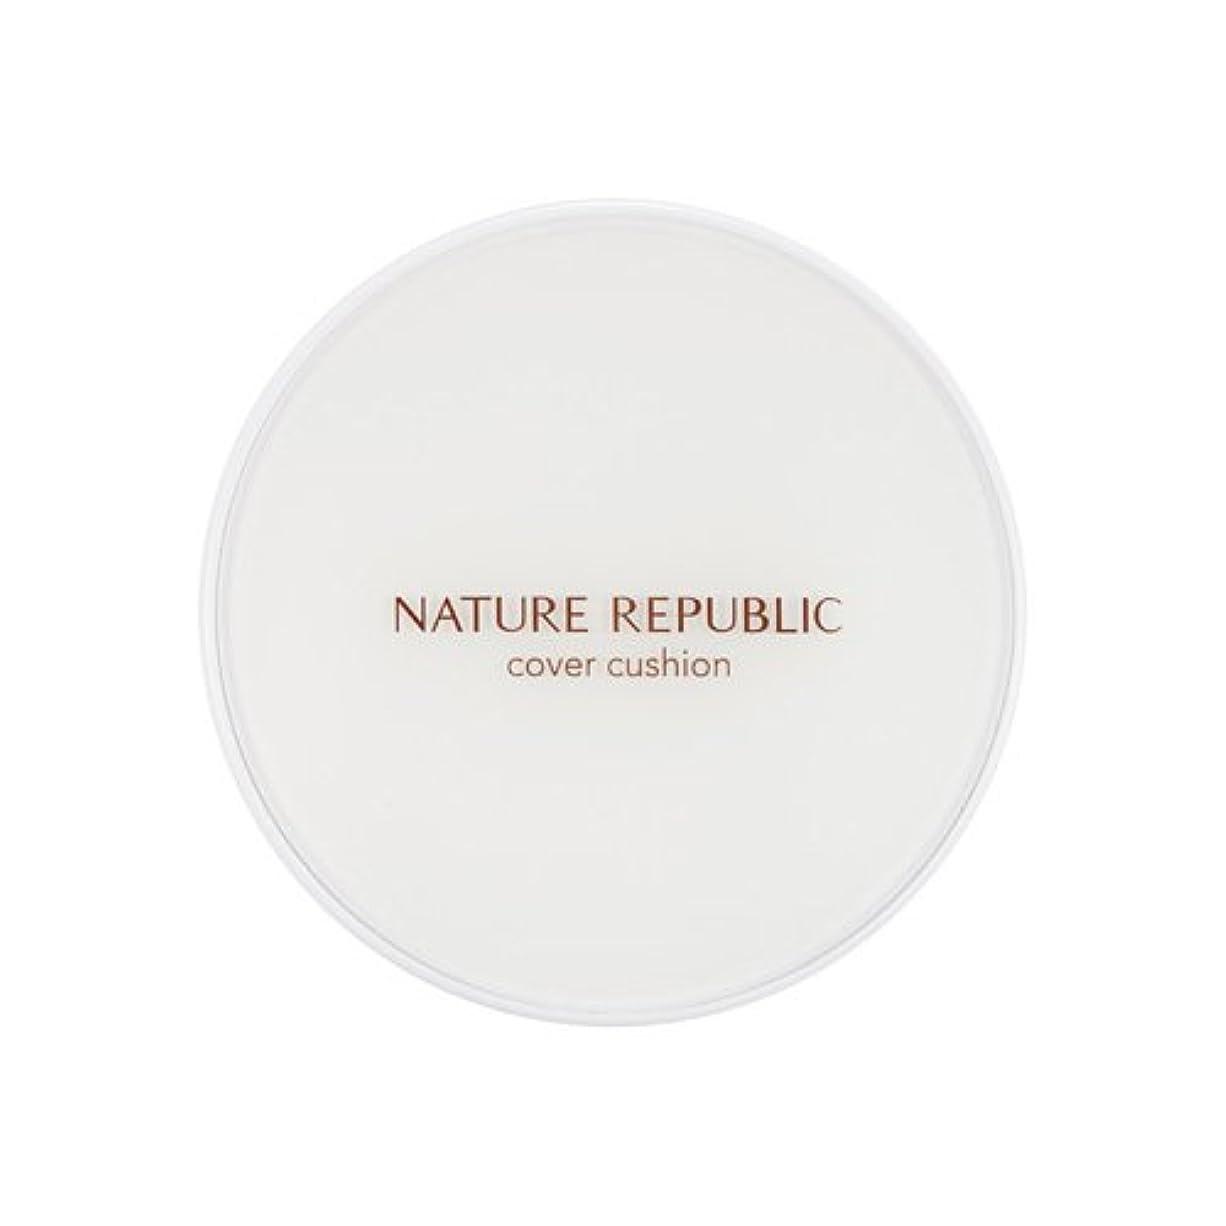 ボイコット姉妹アレルギー性[Outlet] NATURE REPUBLIC Nature Origin Cover Cushion (01 Light beige) (SPF50+ PA+++) [並行輸入品]